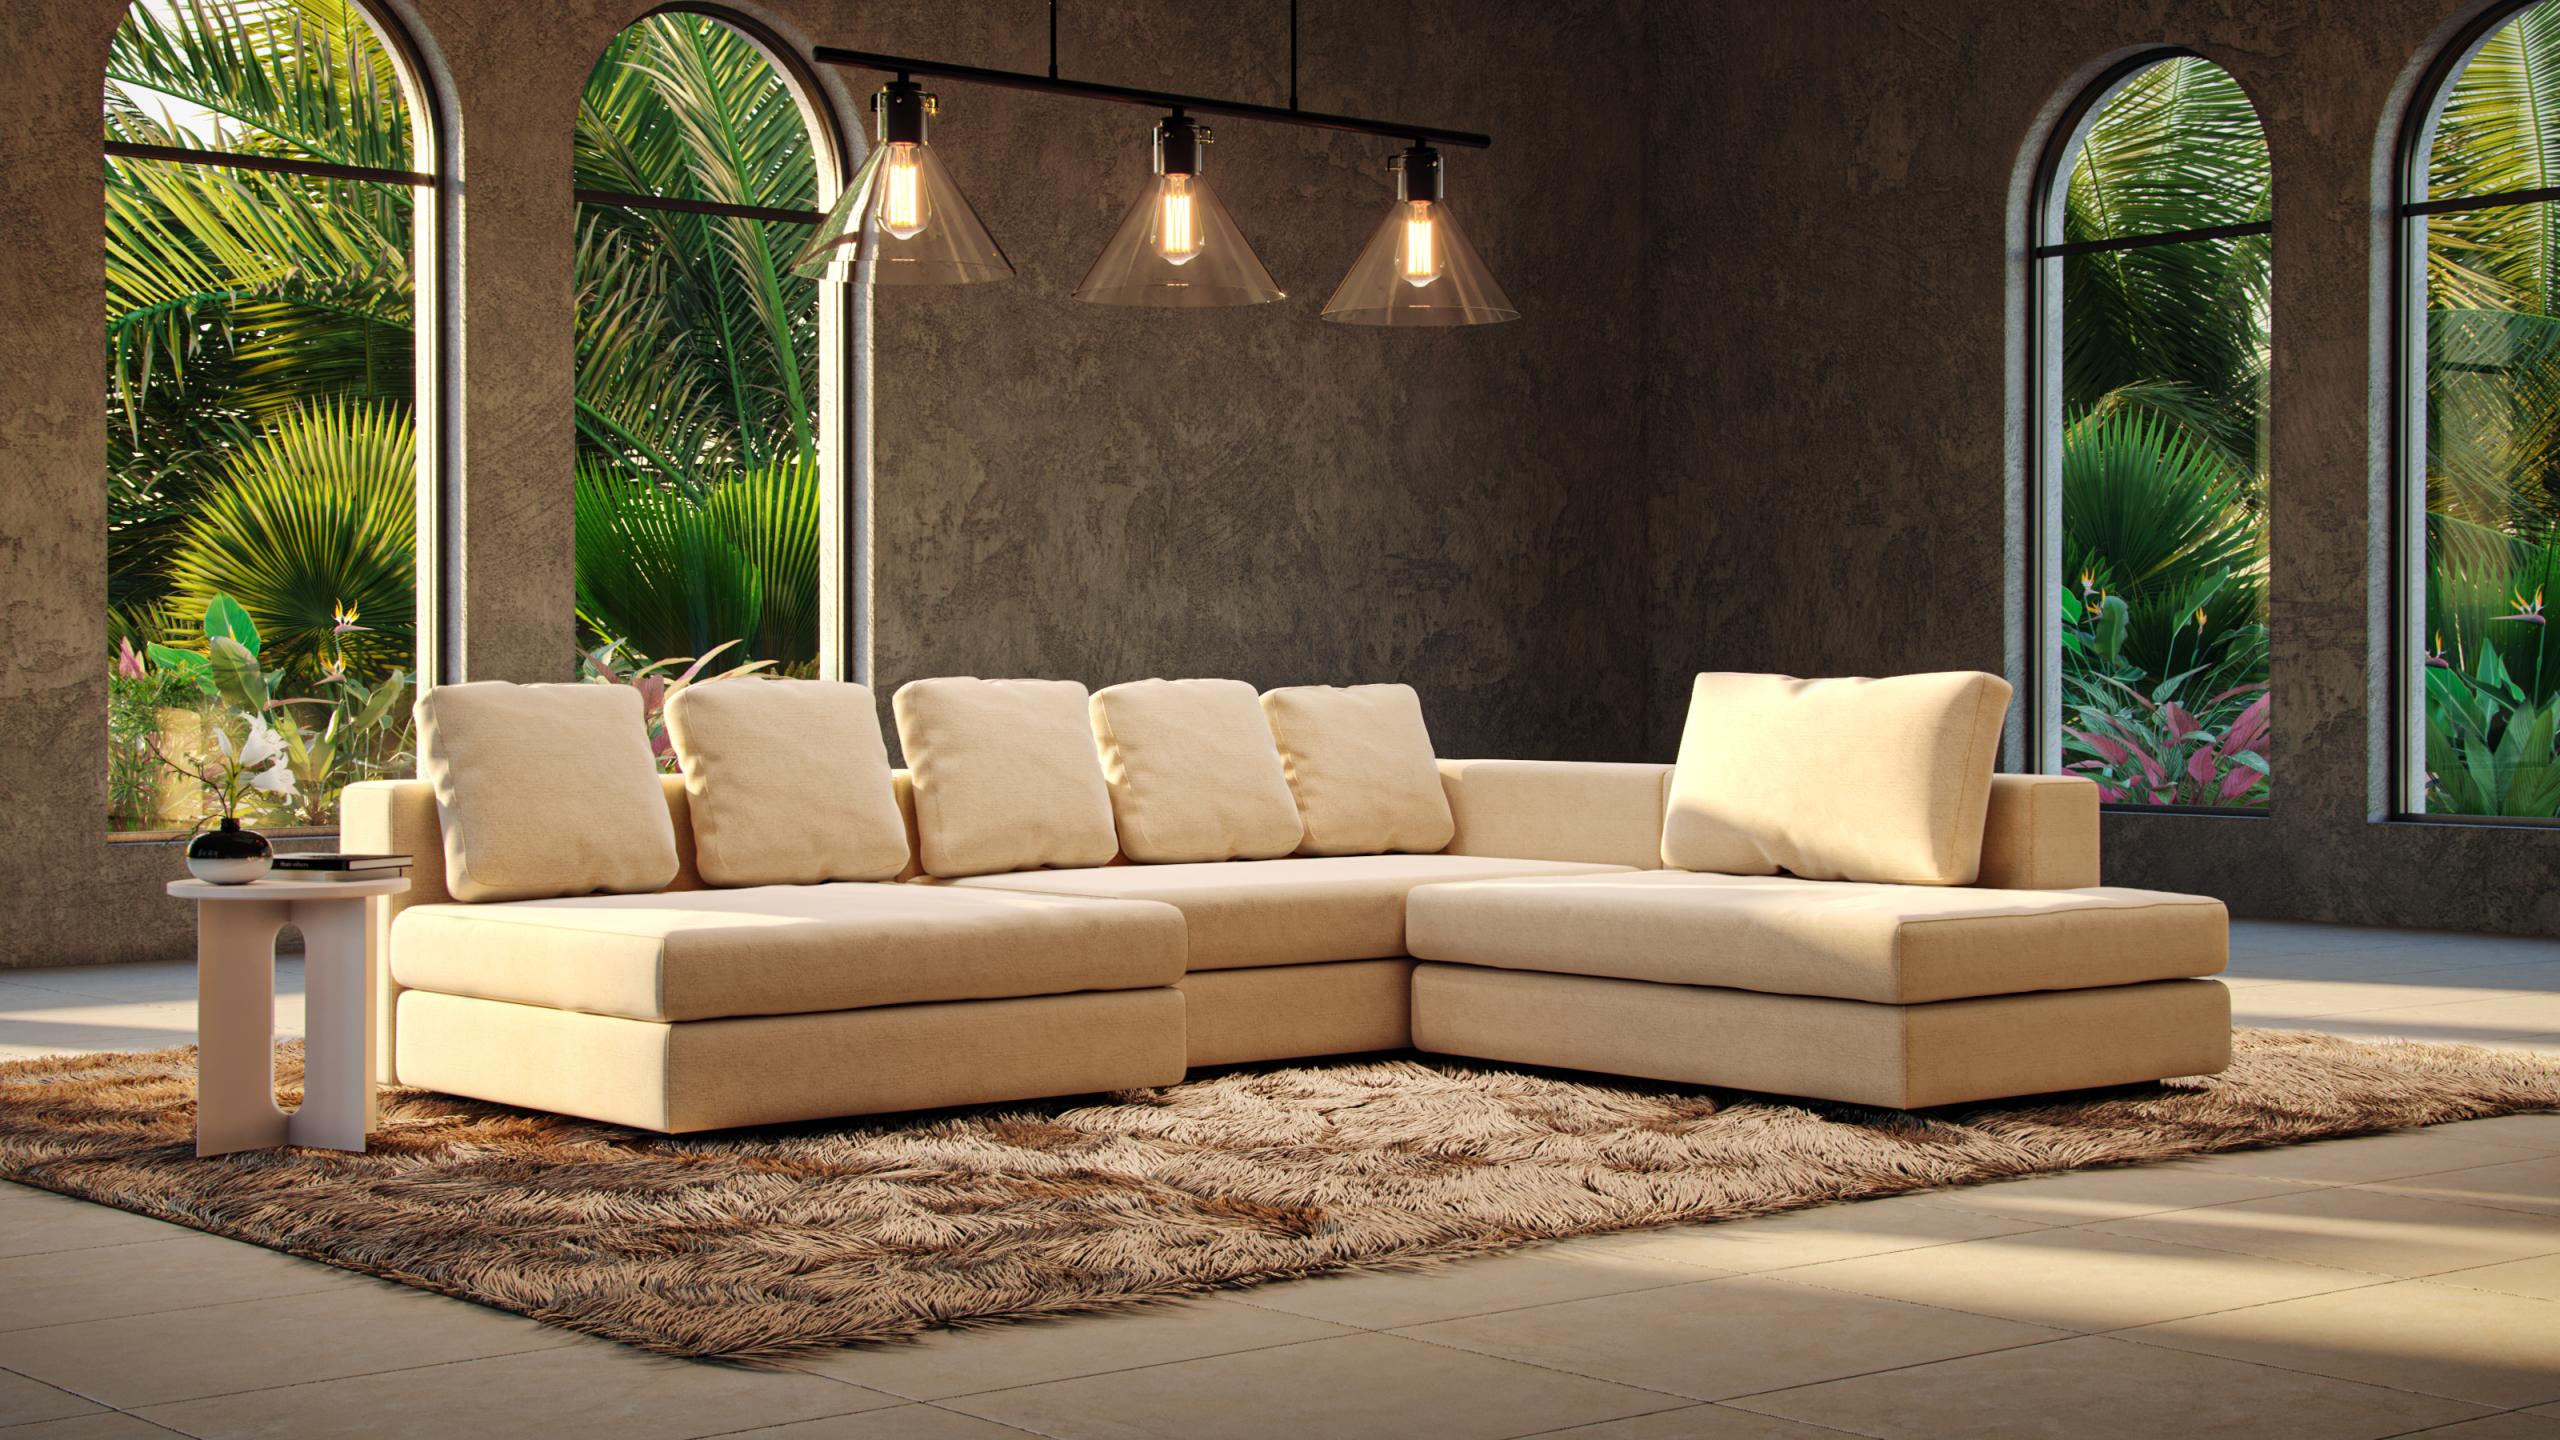 Novo-sofa-lisboa.png